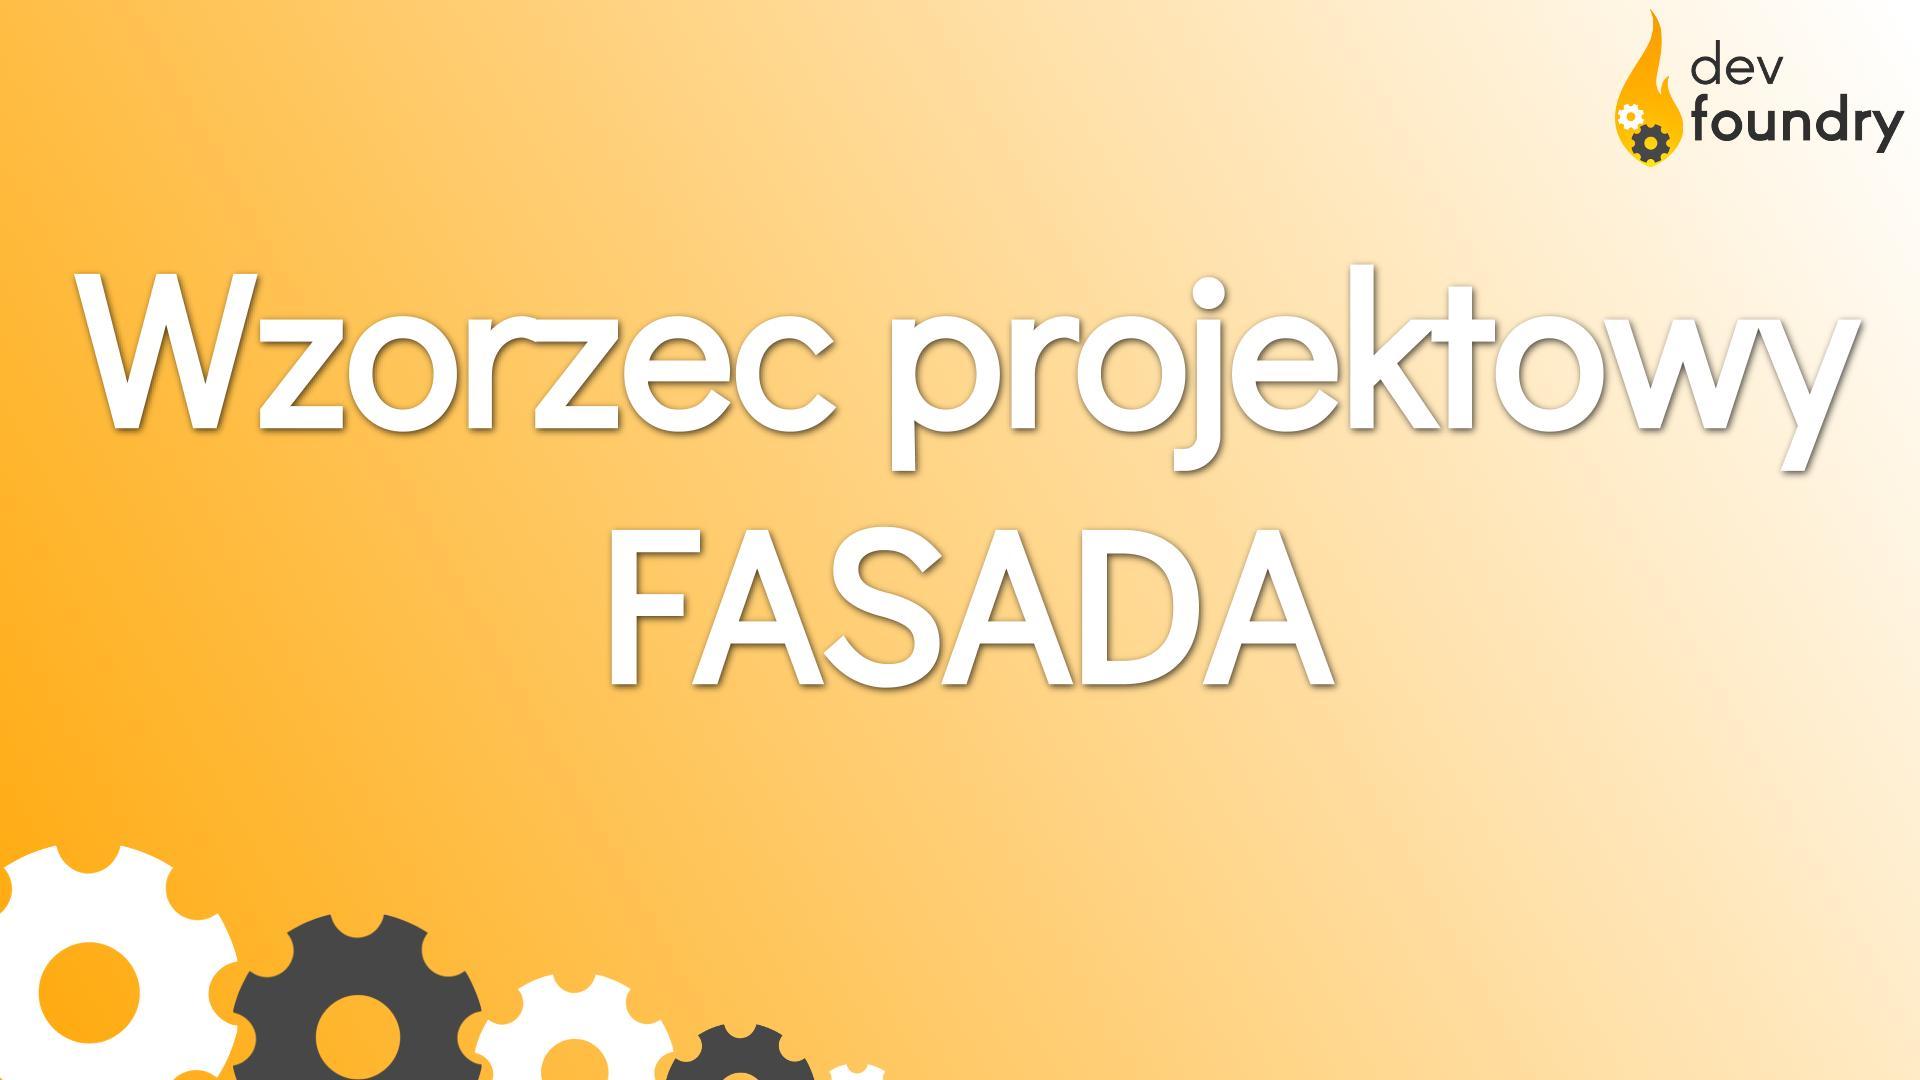 wzorzec projektowy fasada facade design patterns dev foundry blog programowanie java spring kursy